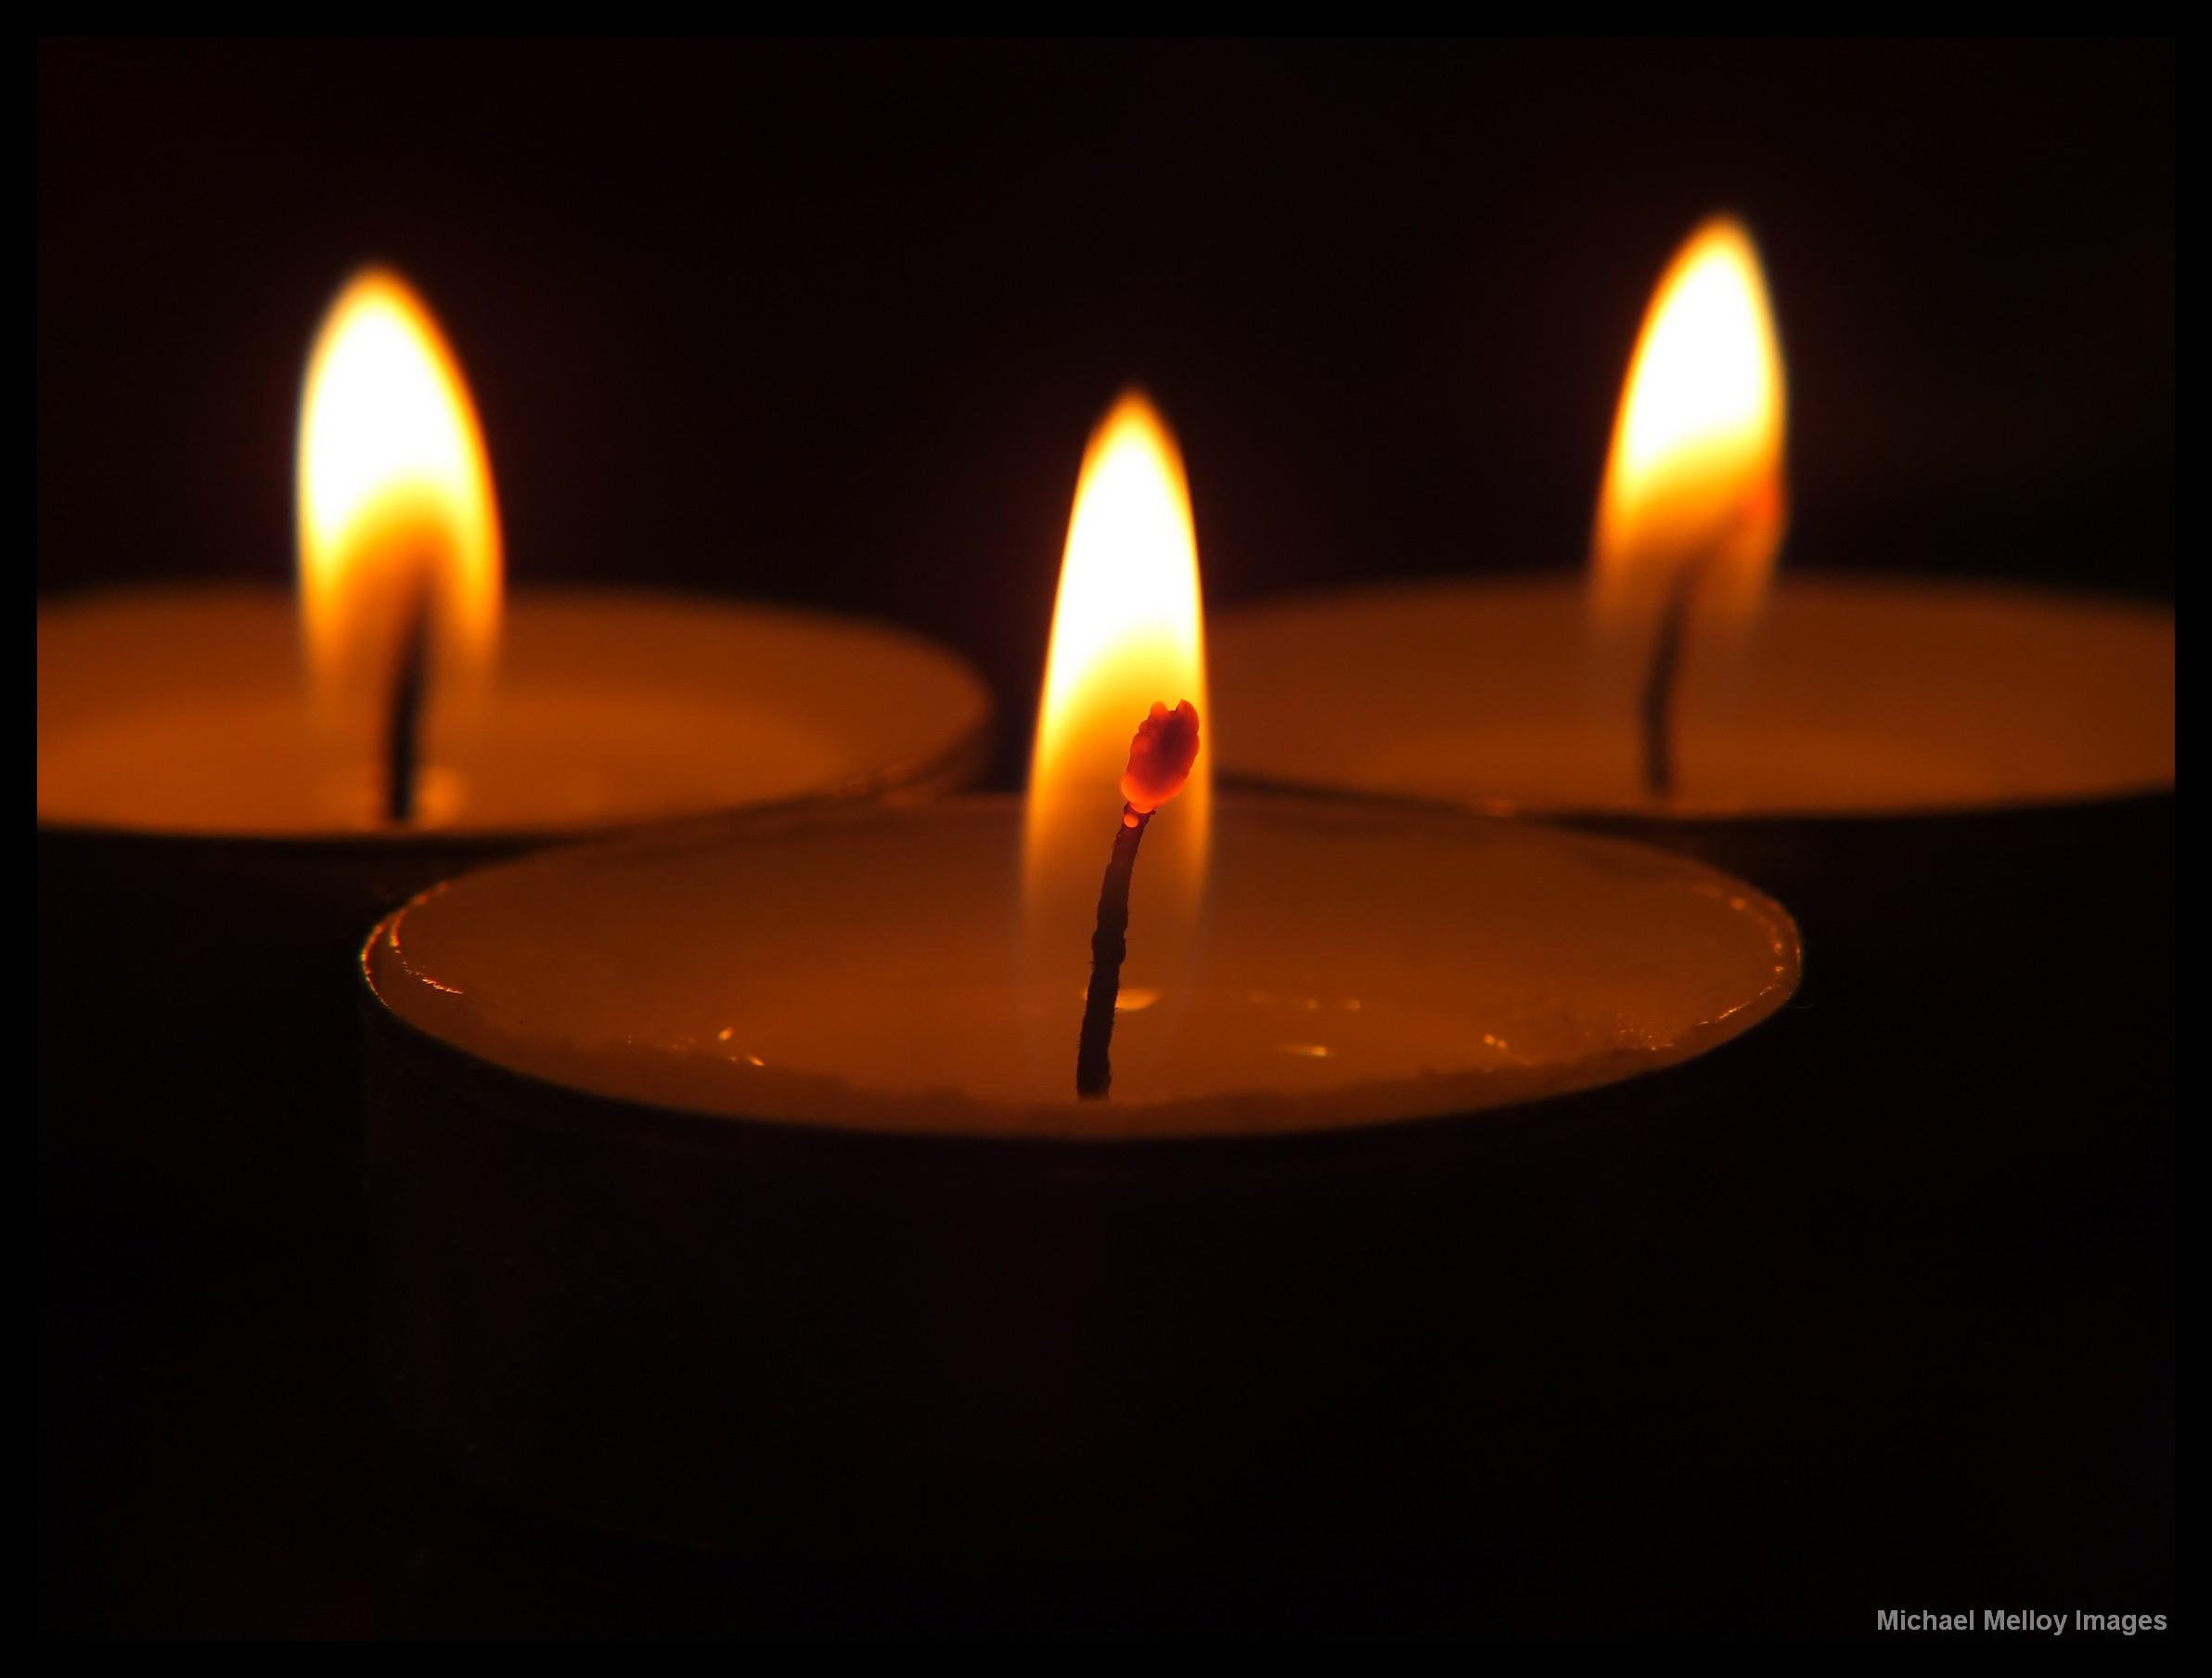 Beleuchtung Licht Makro Feuer Kerzen Kerze Eingängigen Farben Wärme  Verbrennung Brennen Romantisch Kerzenlicht 365 Handbuch Bunt